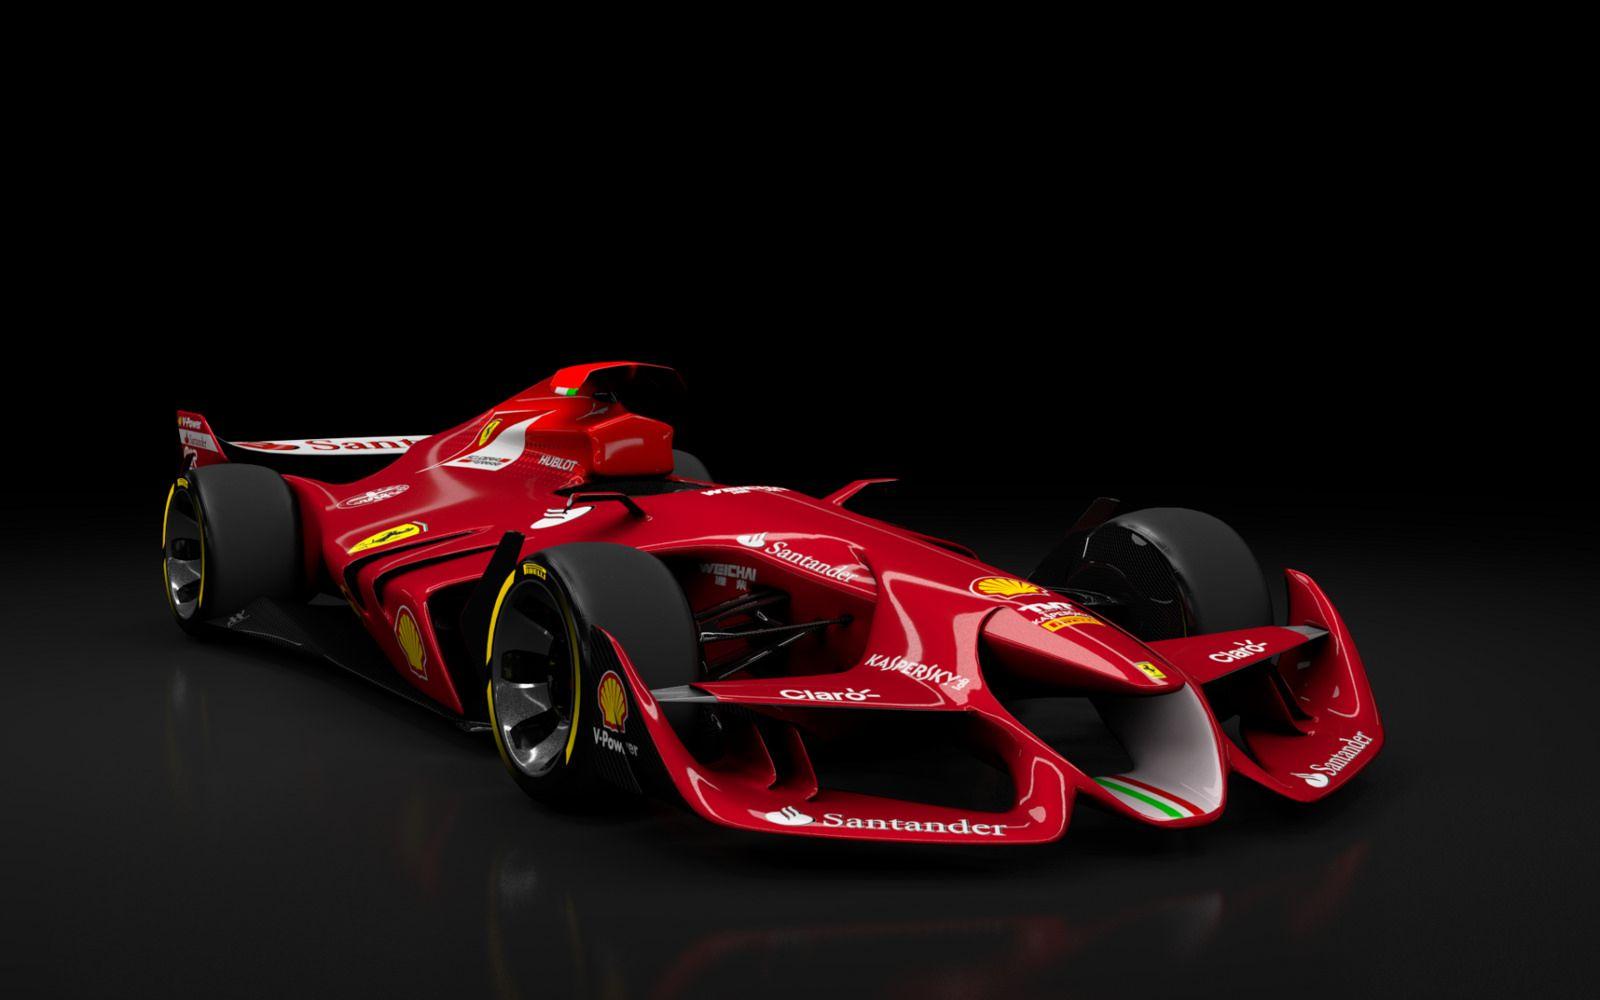 Ferrari F1 Concept Assetto Corsa Mods Concept Cars Ferrari Ferrari F1